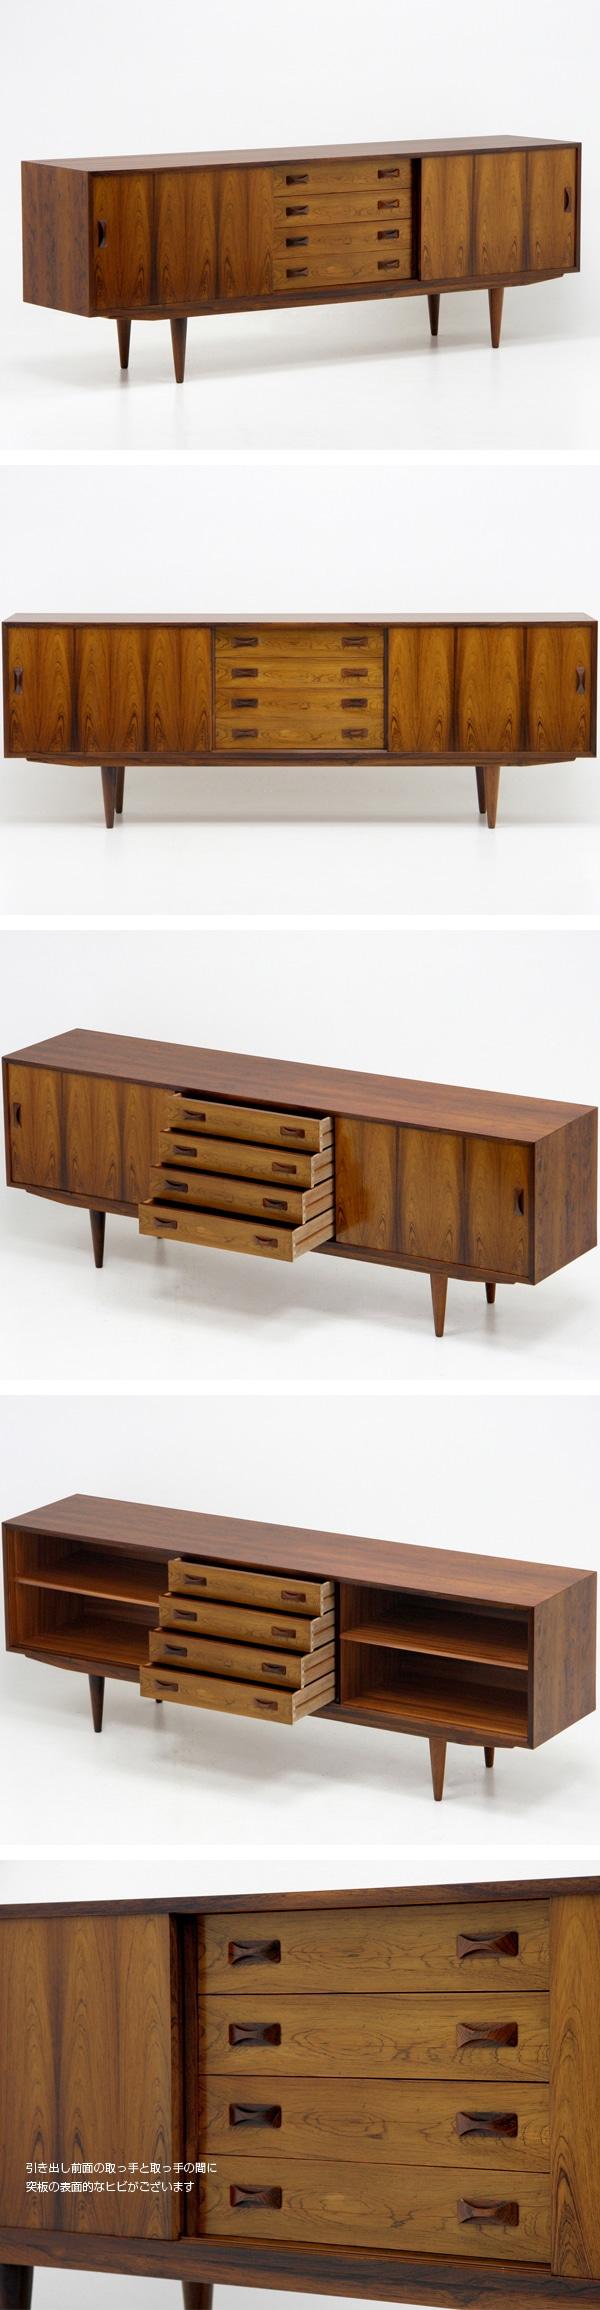 北欧家具,ヴィンテージ,サイドボード,Clausen&Son,ローズウッド材,デンマーク